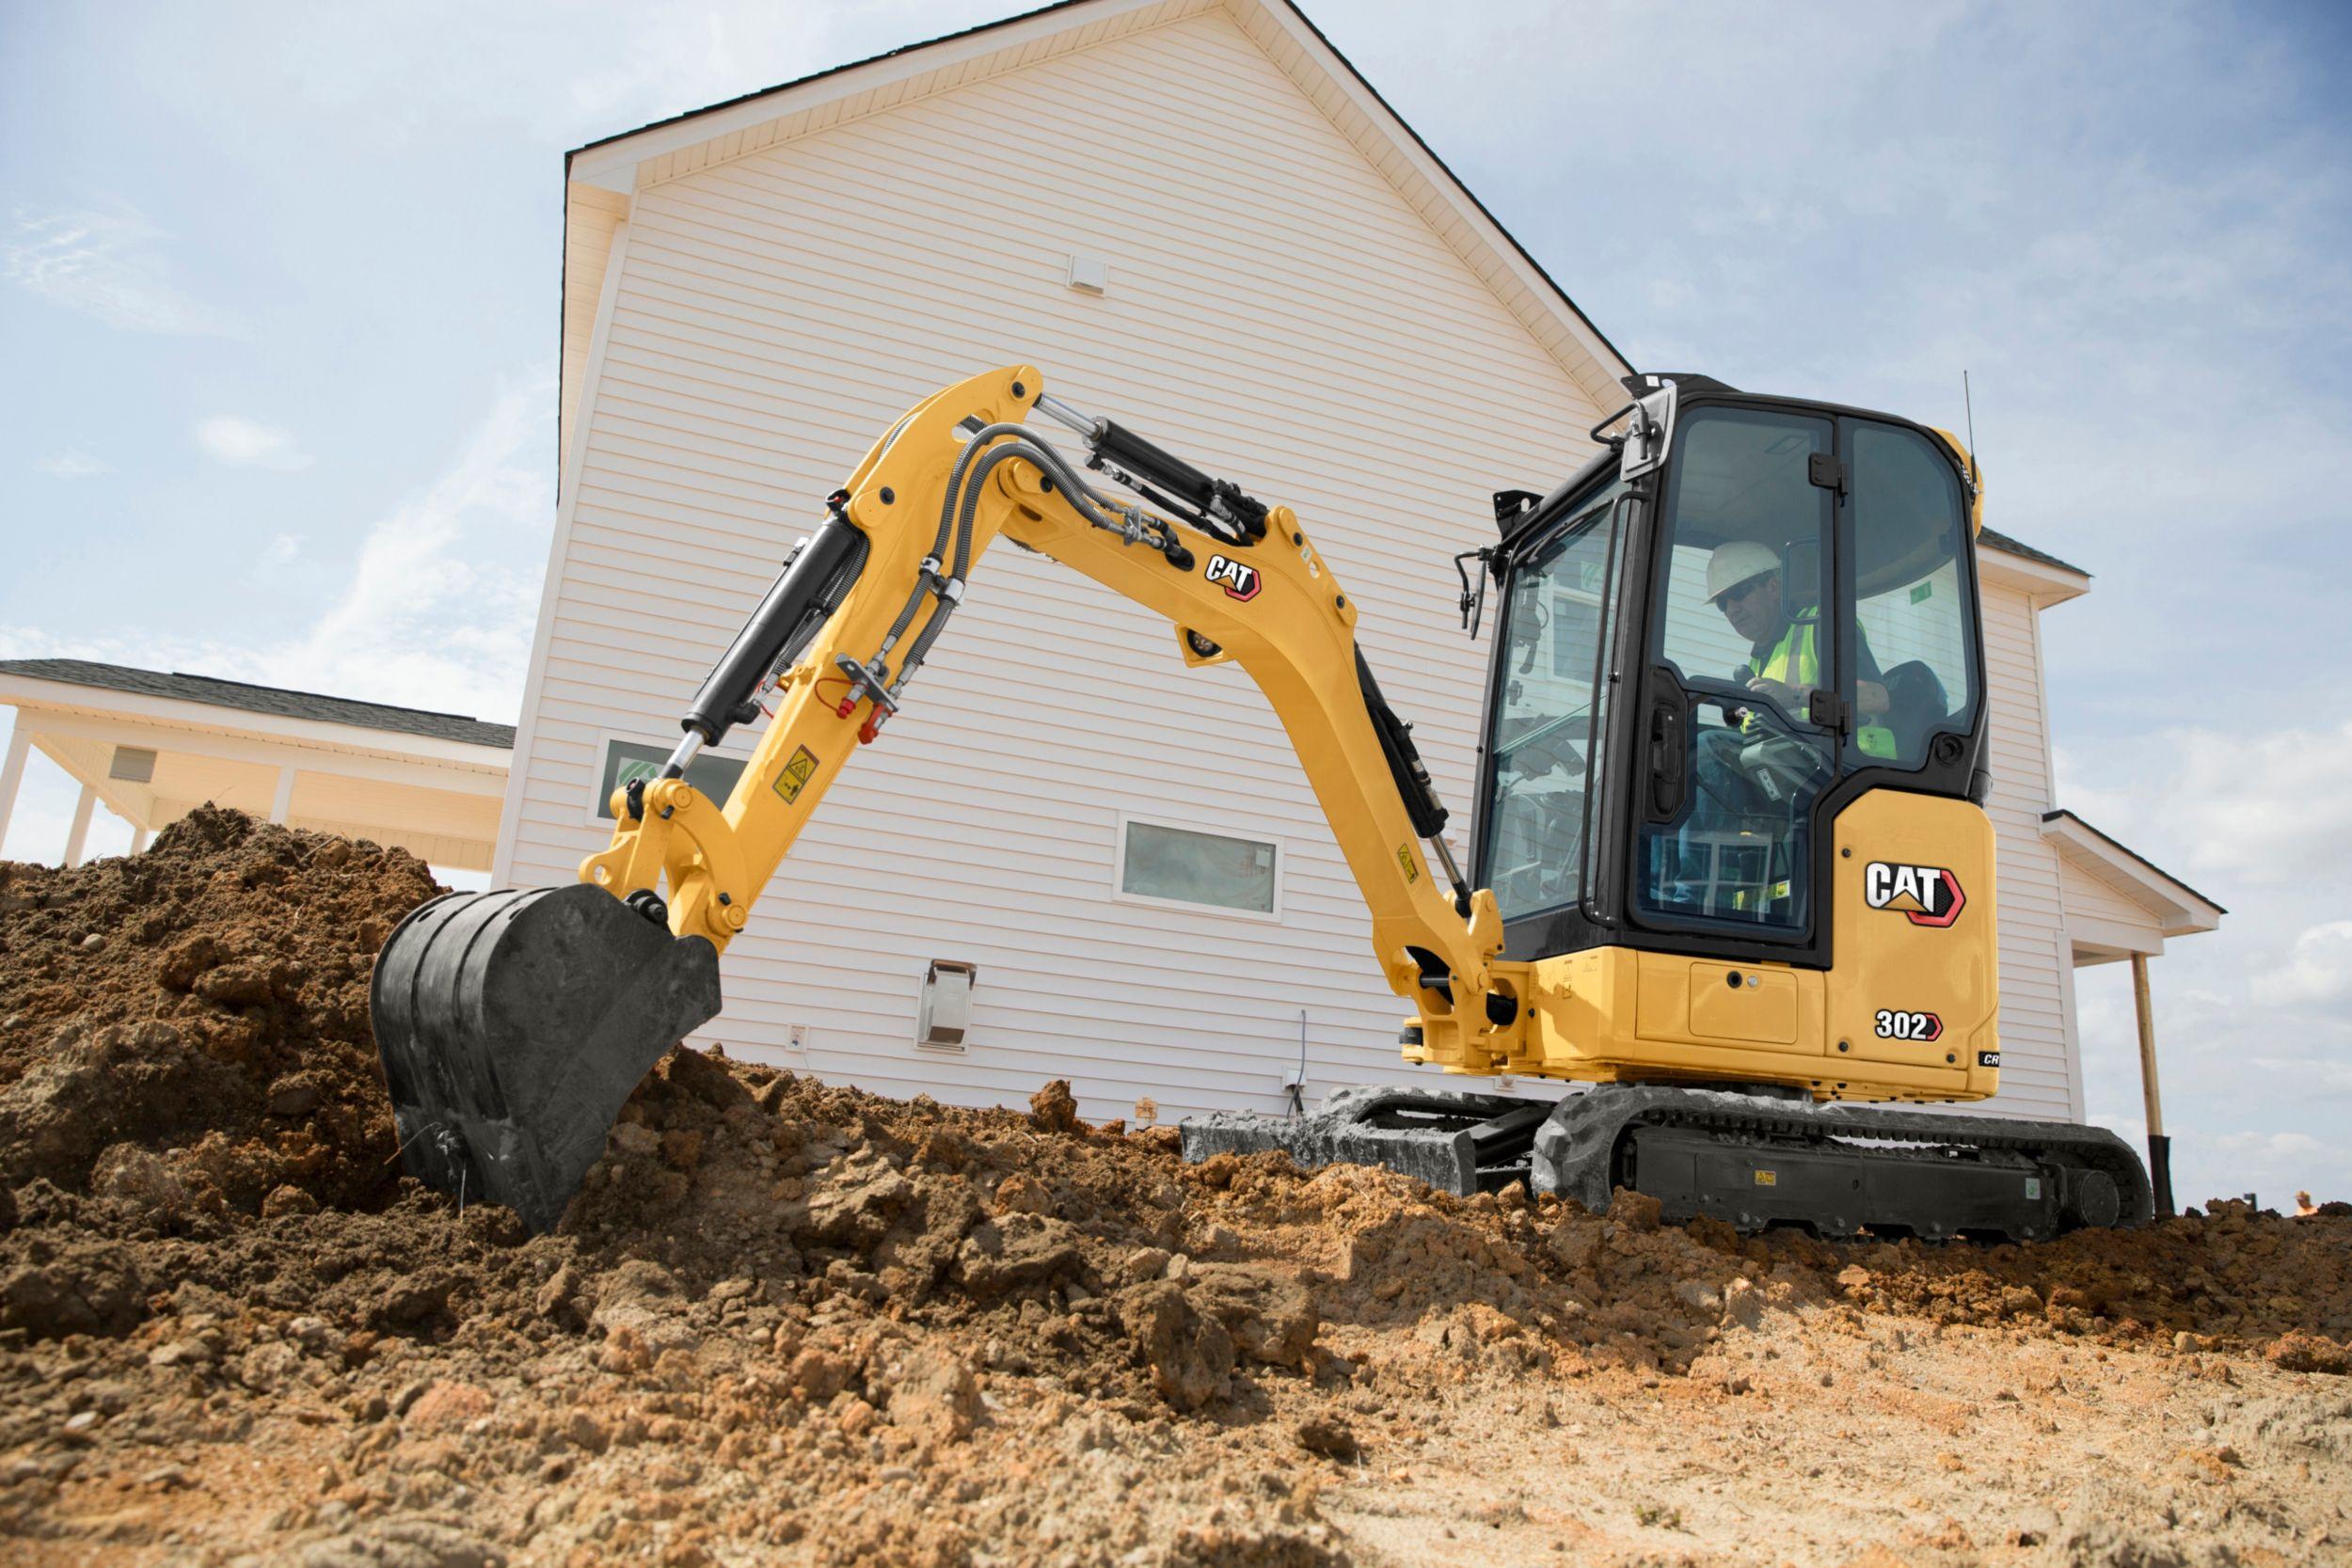 Cat 302 Cr Mini Hydraulic Excavator Caterpillar